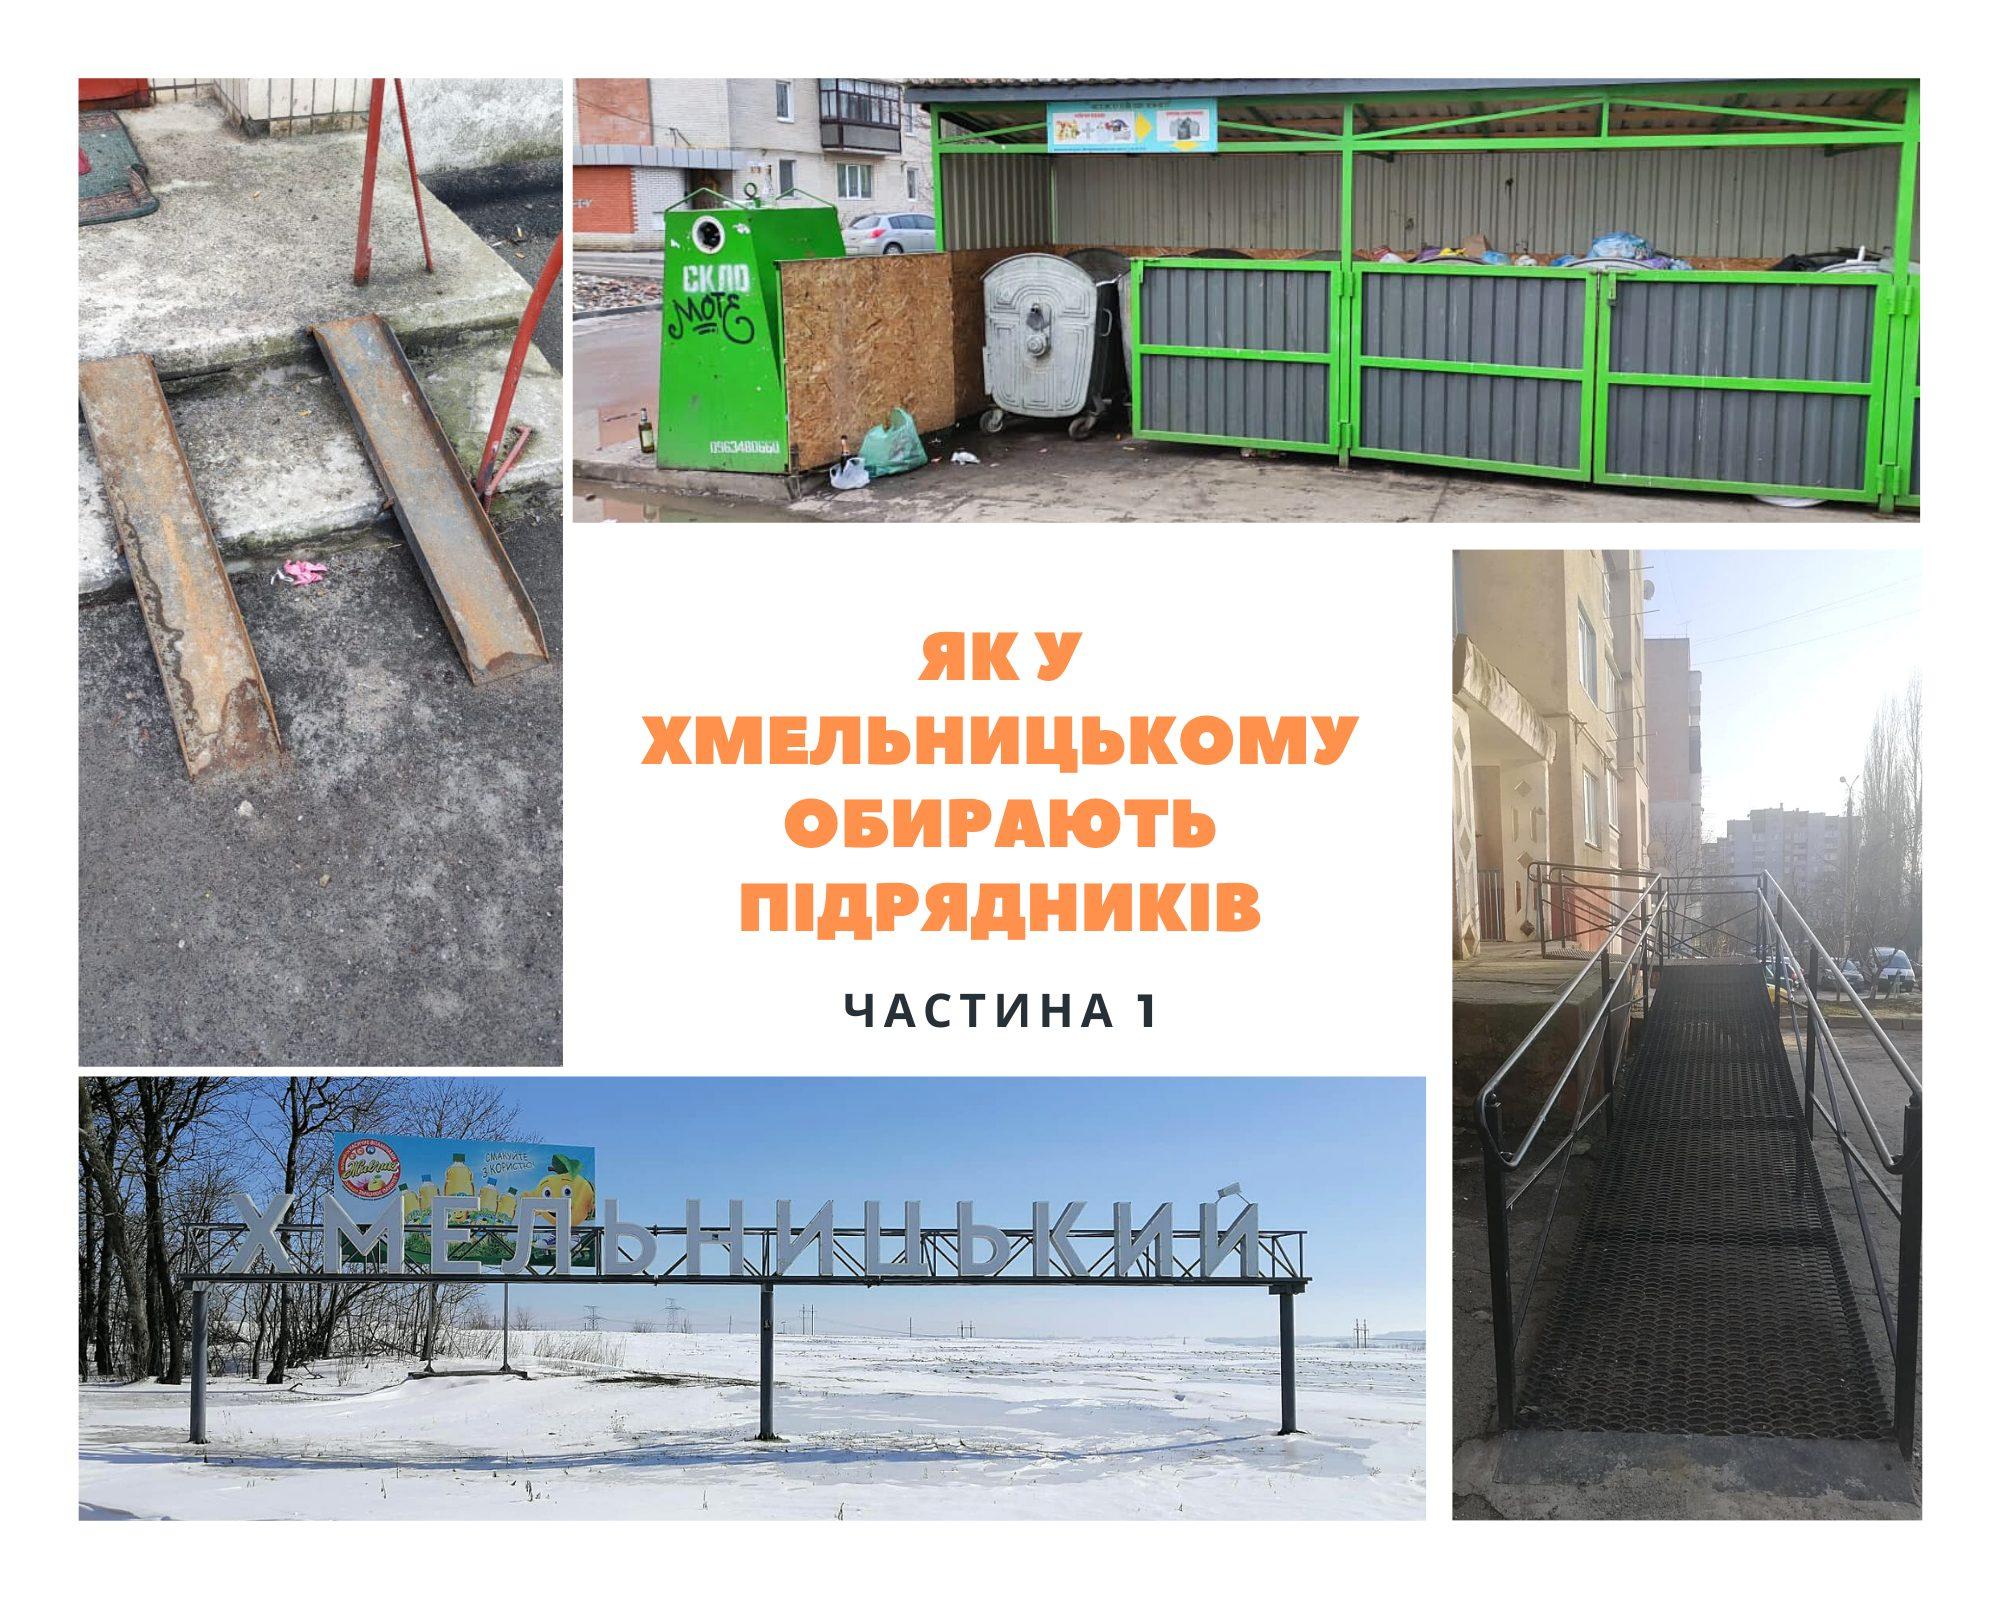 За місцем реєстрації та політичними поглядами: як у Хмельницькому обирають підрядників (частина 1)